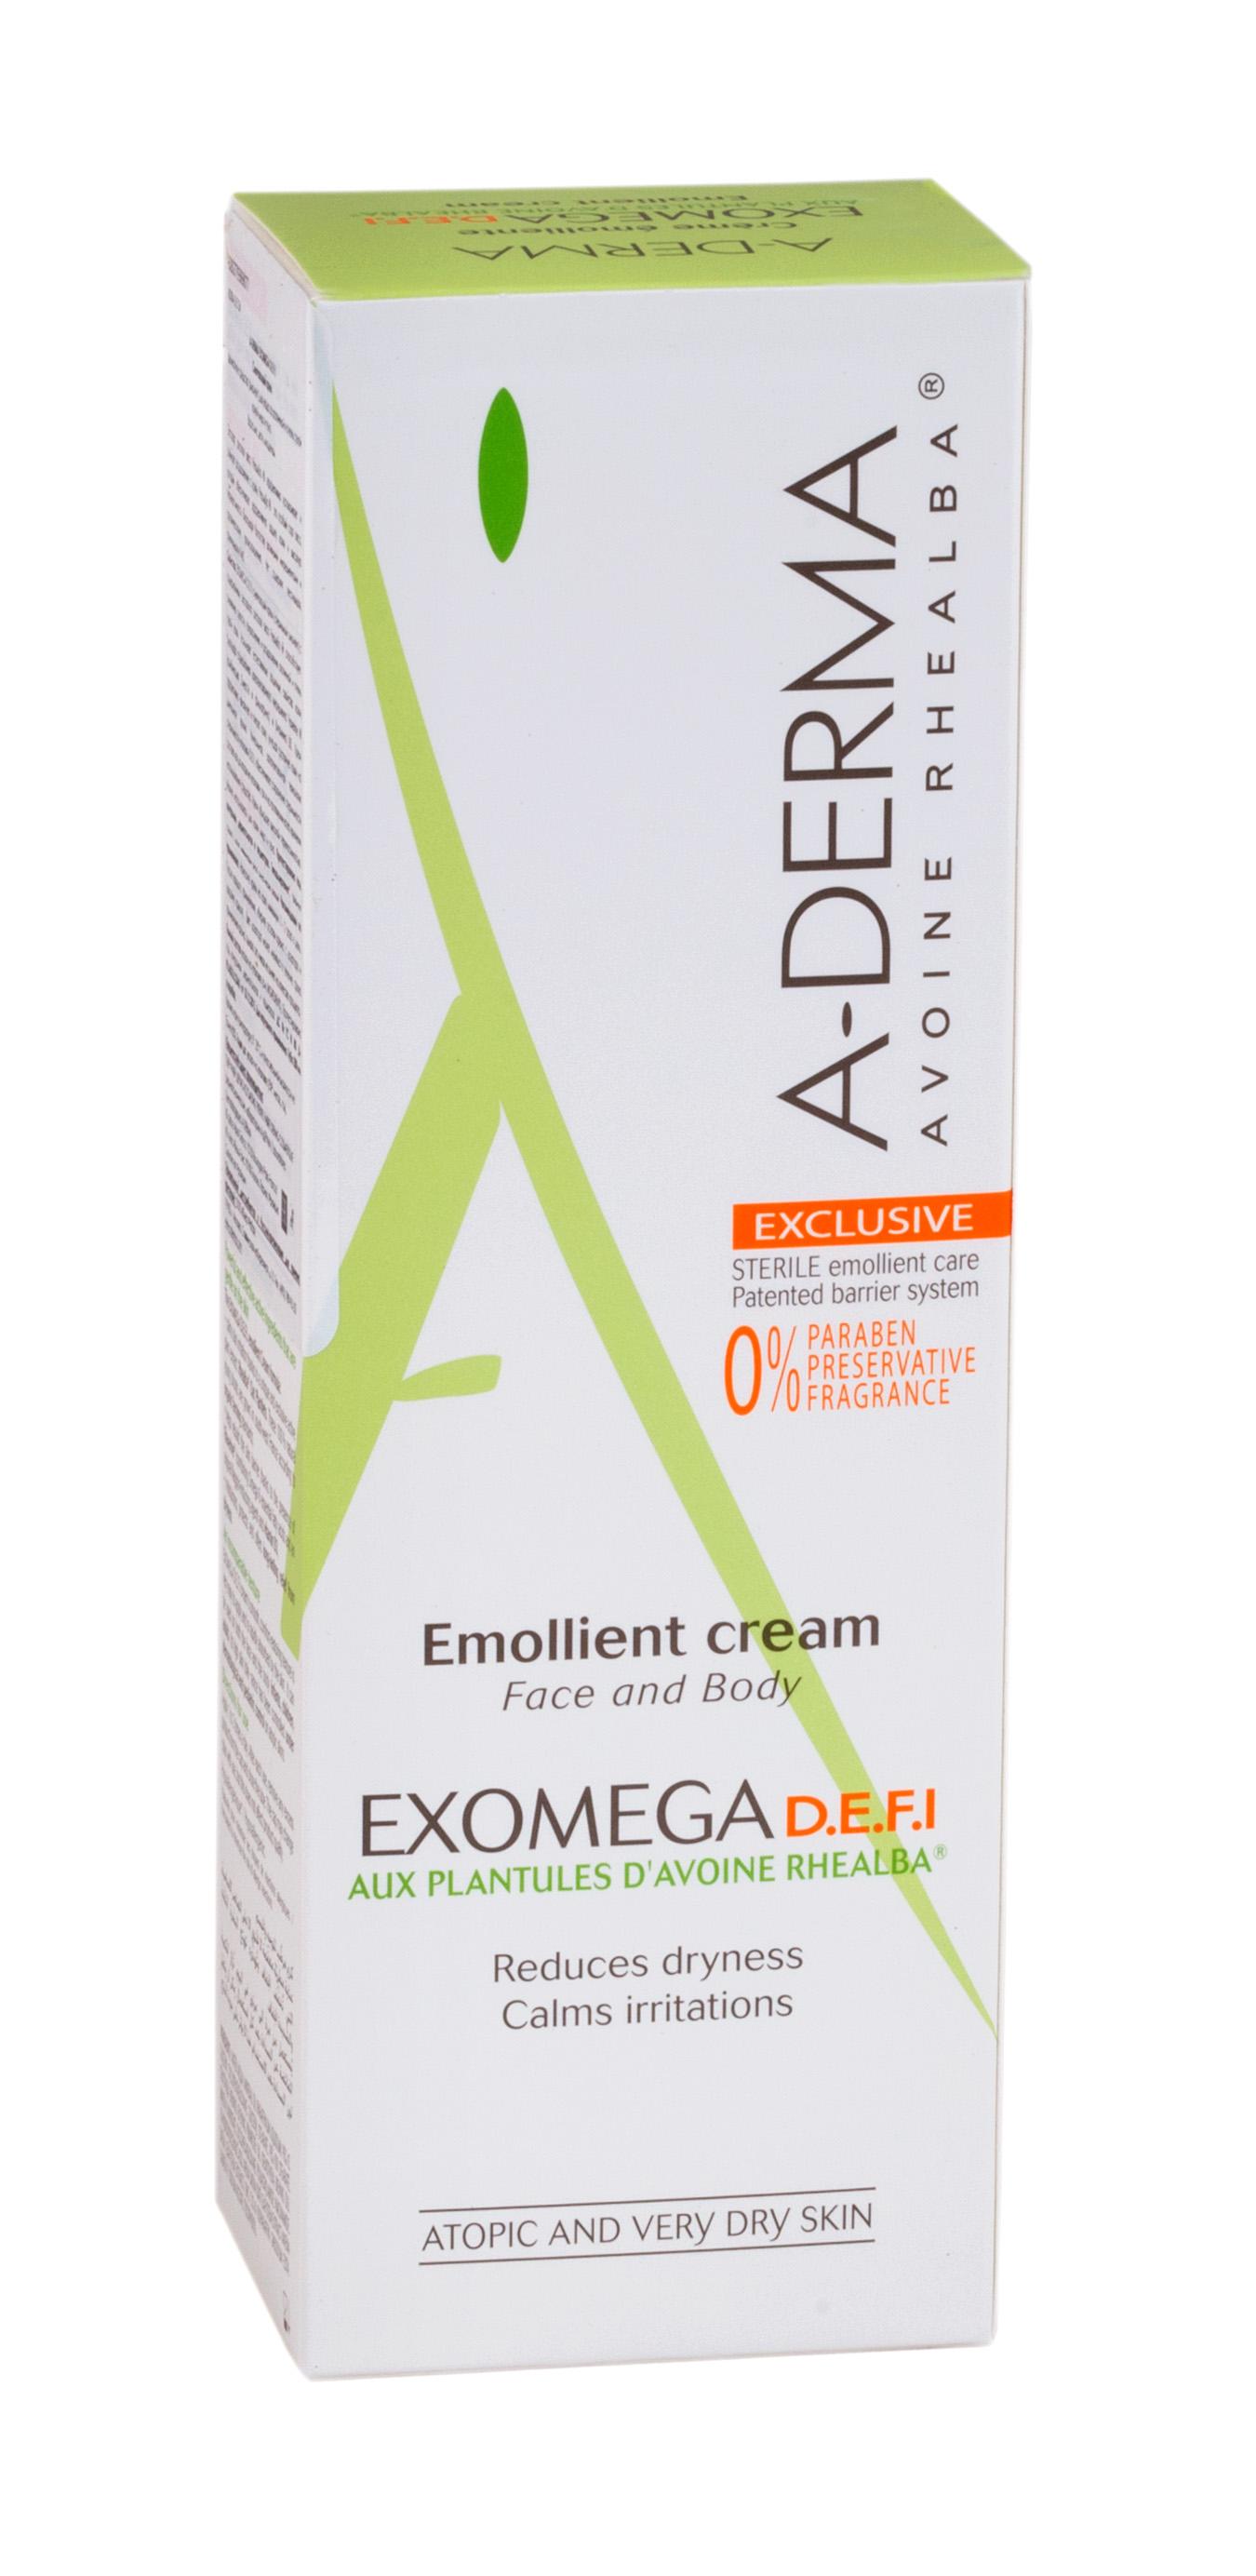 А-дерма эгзомега крем смягчающий 200мл (c36907)